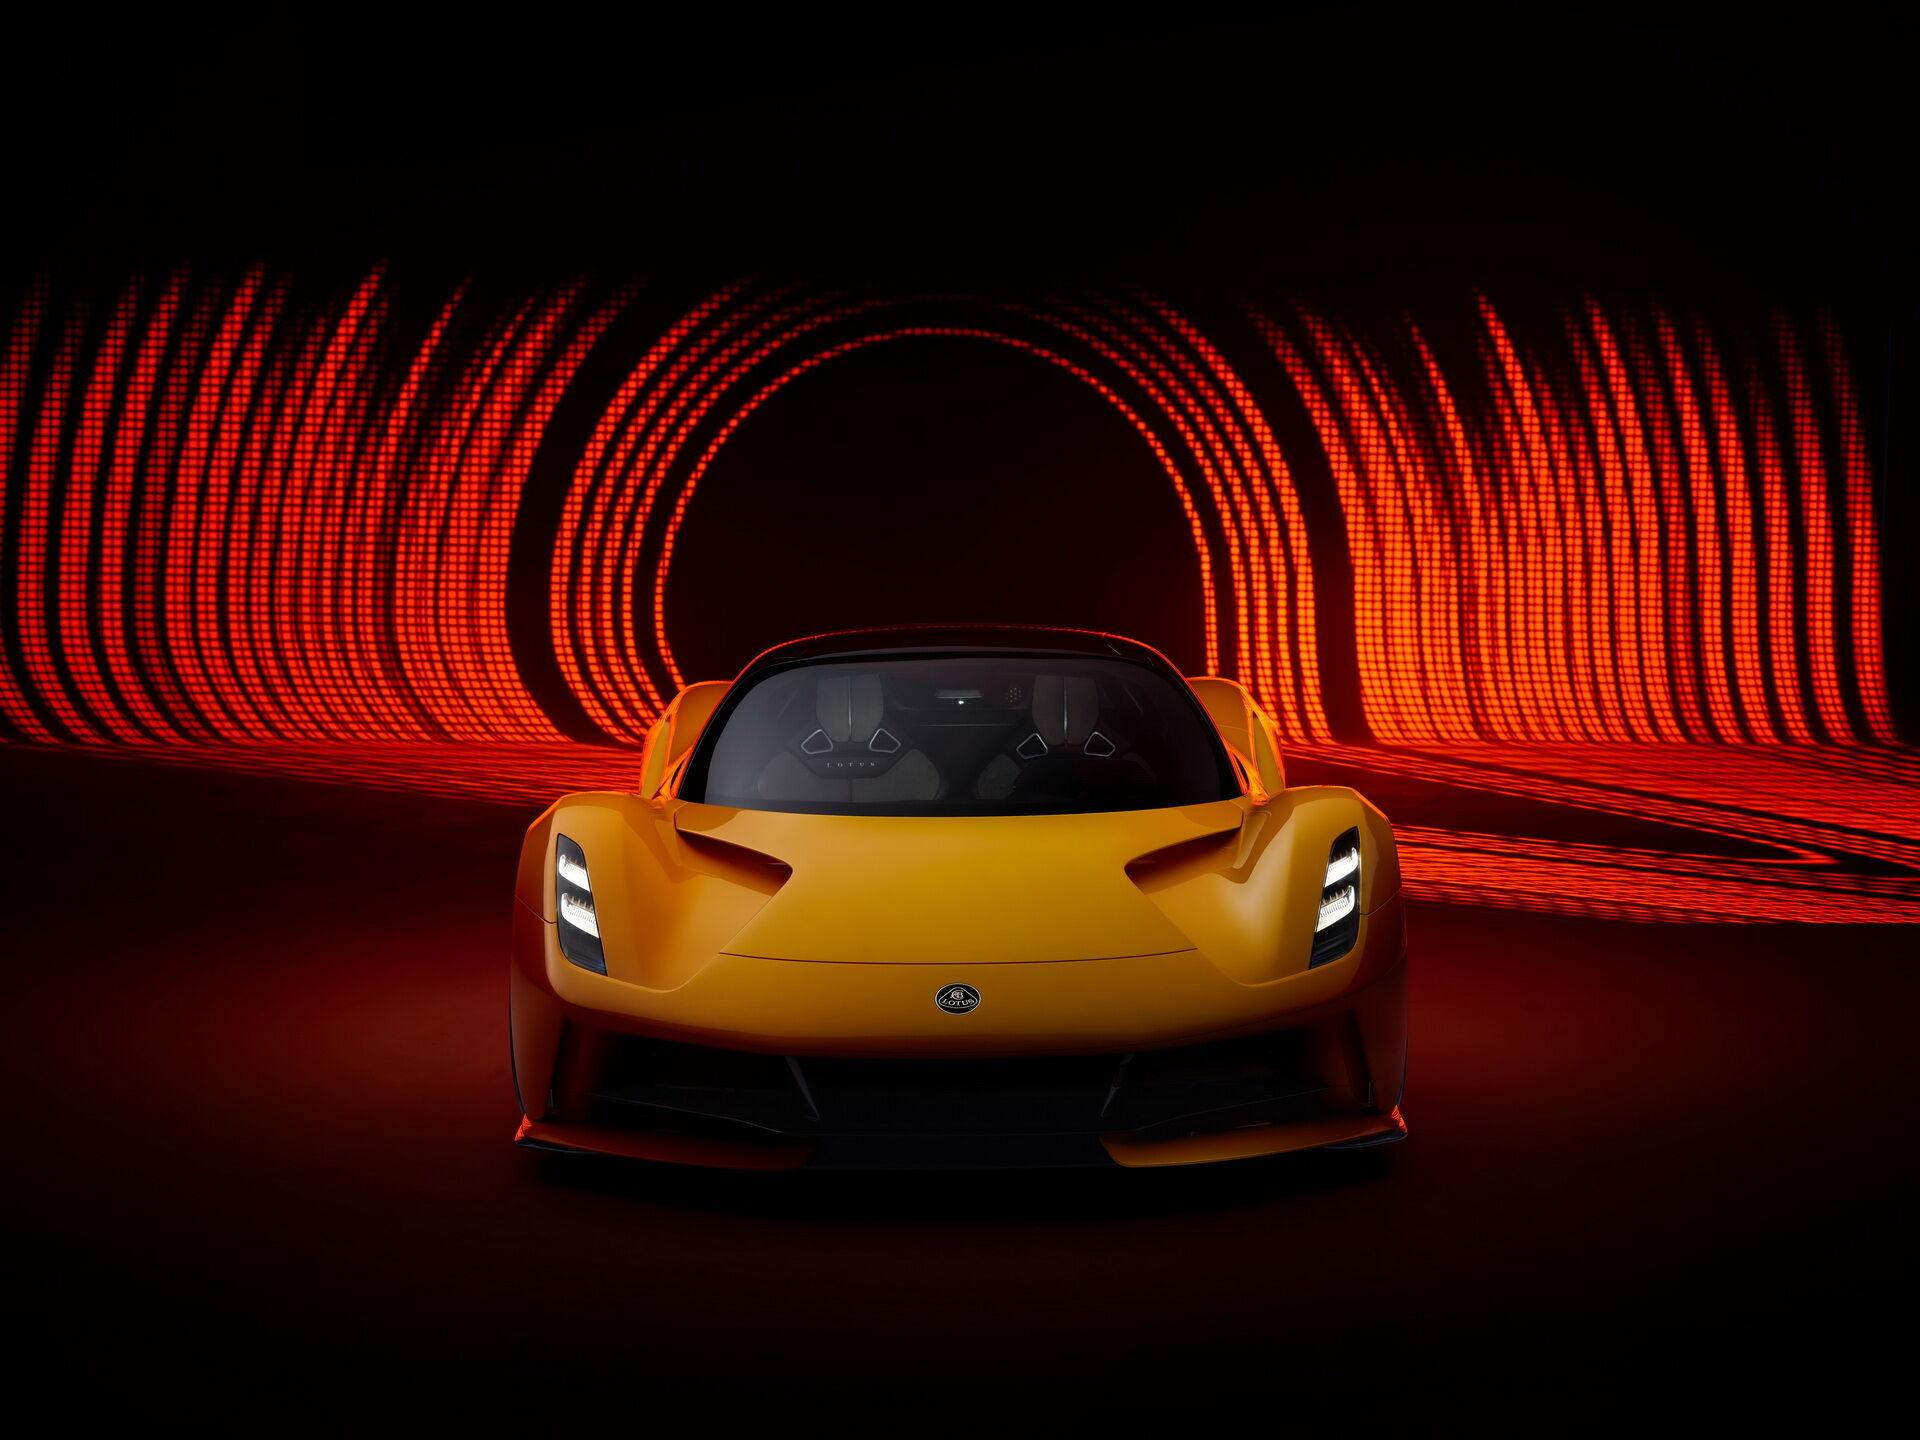 Перший електричний гіперкар британського бренда Lotus Evija